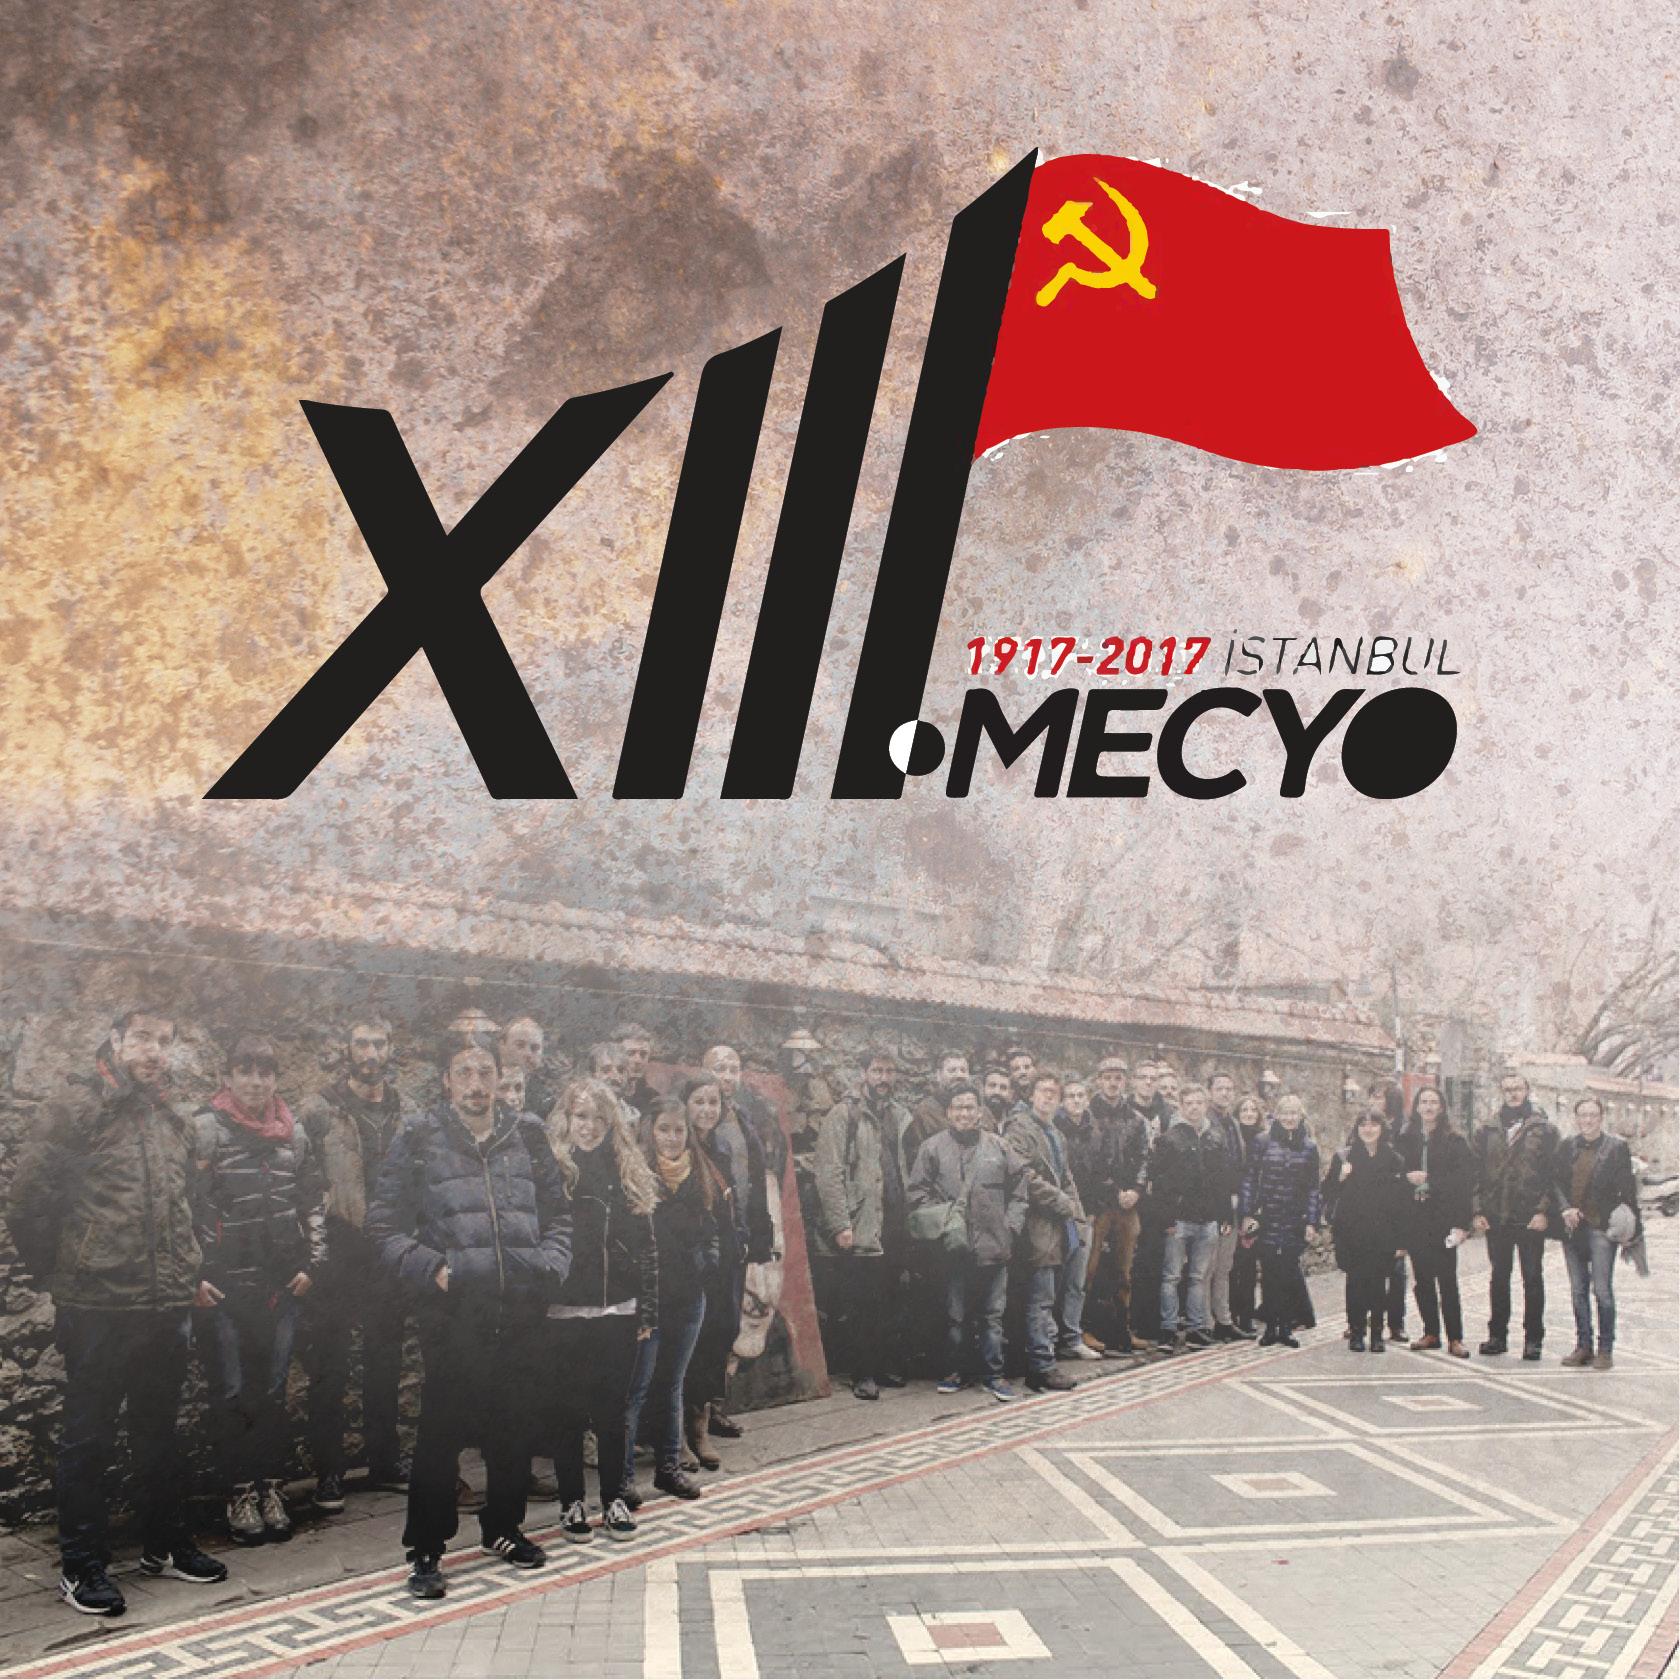 Erklärung kommunistischer Jugendorganisationen aus Europa